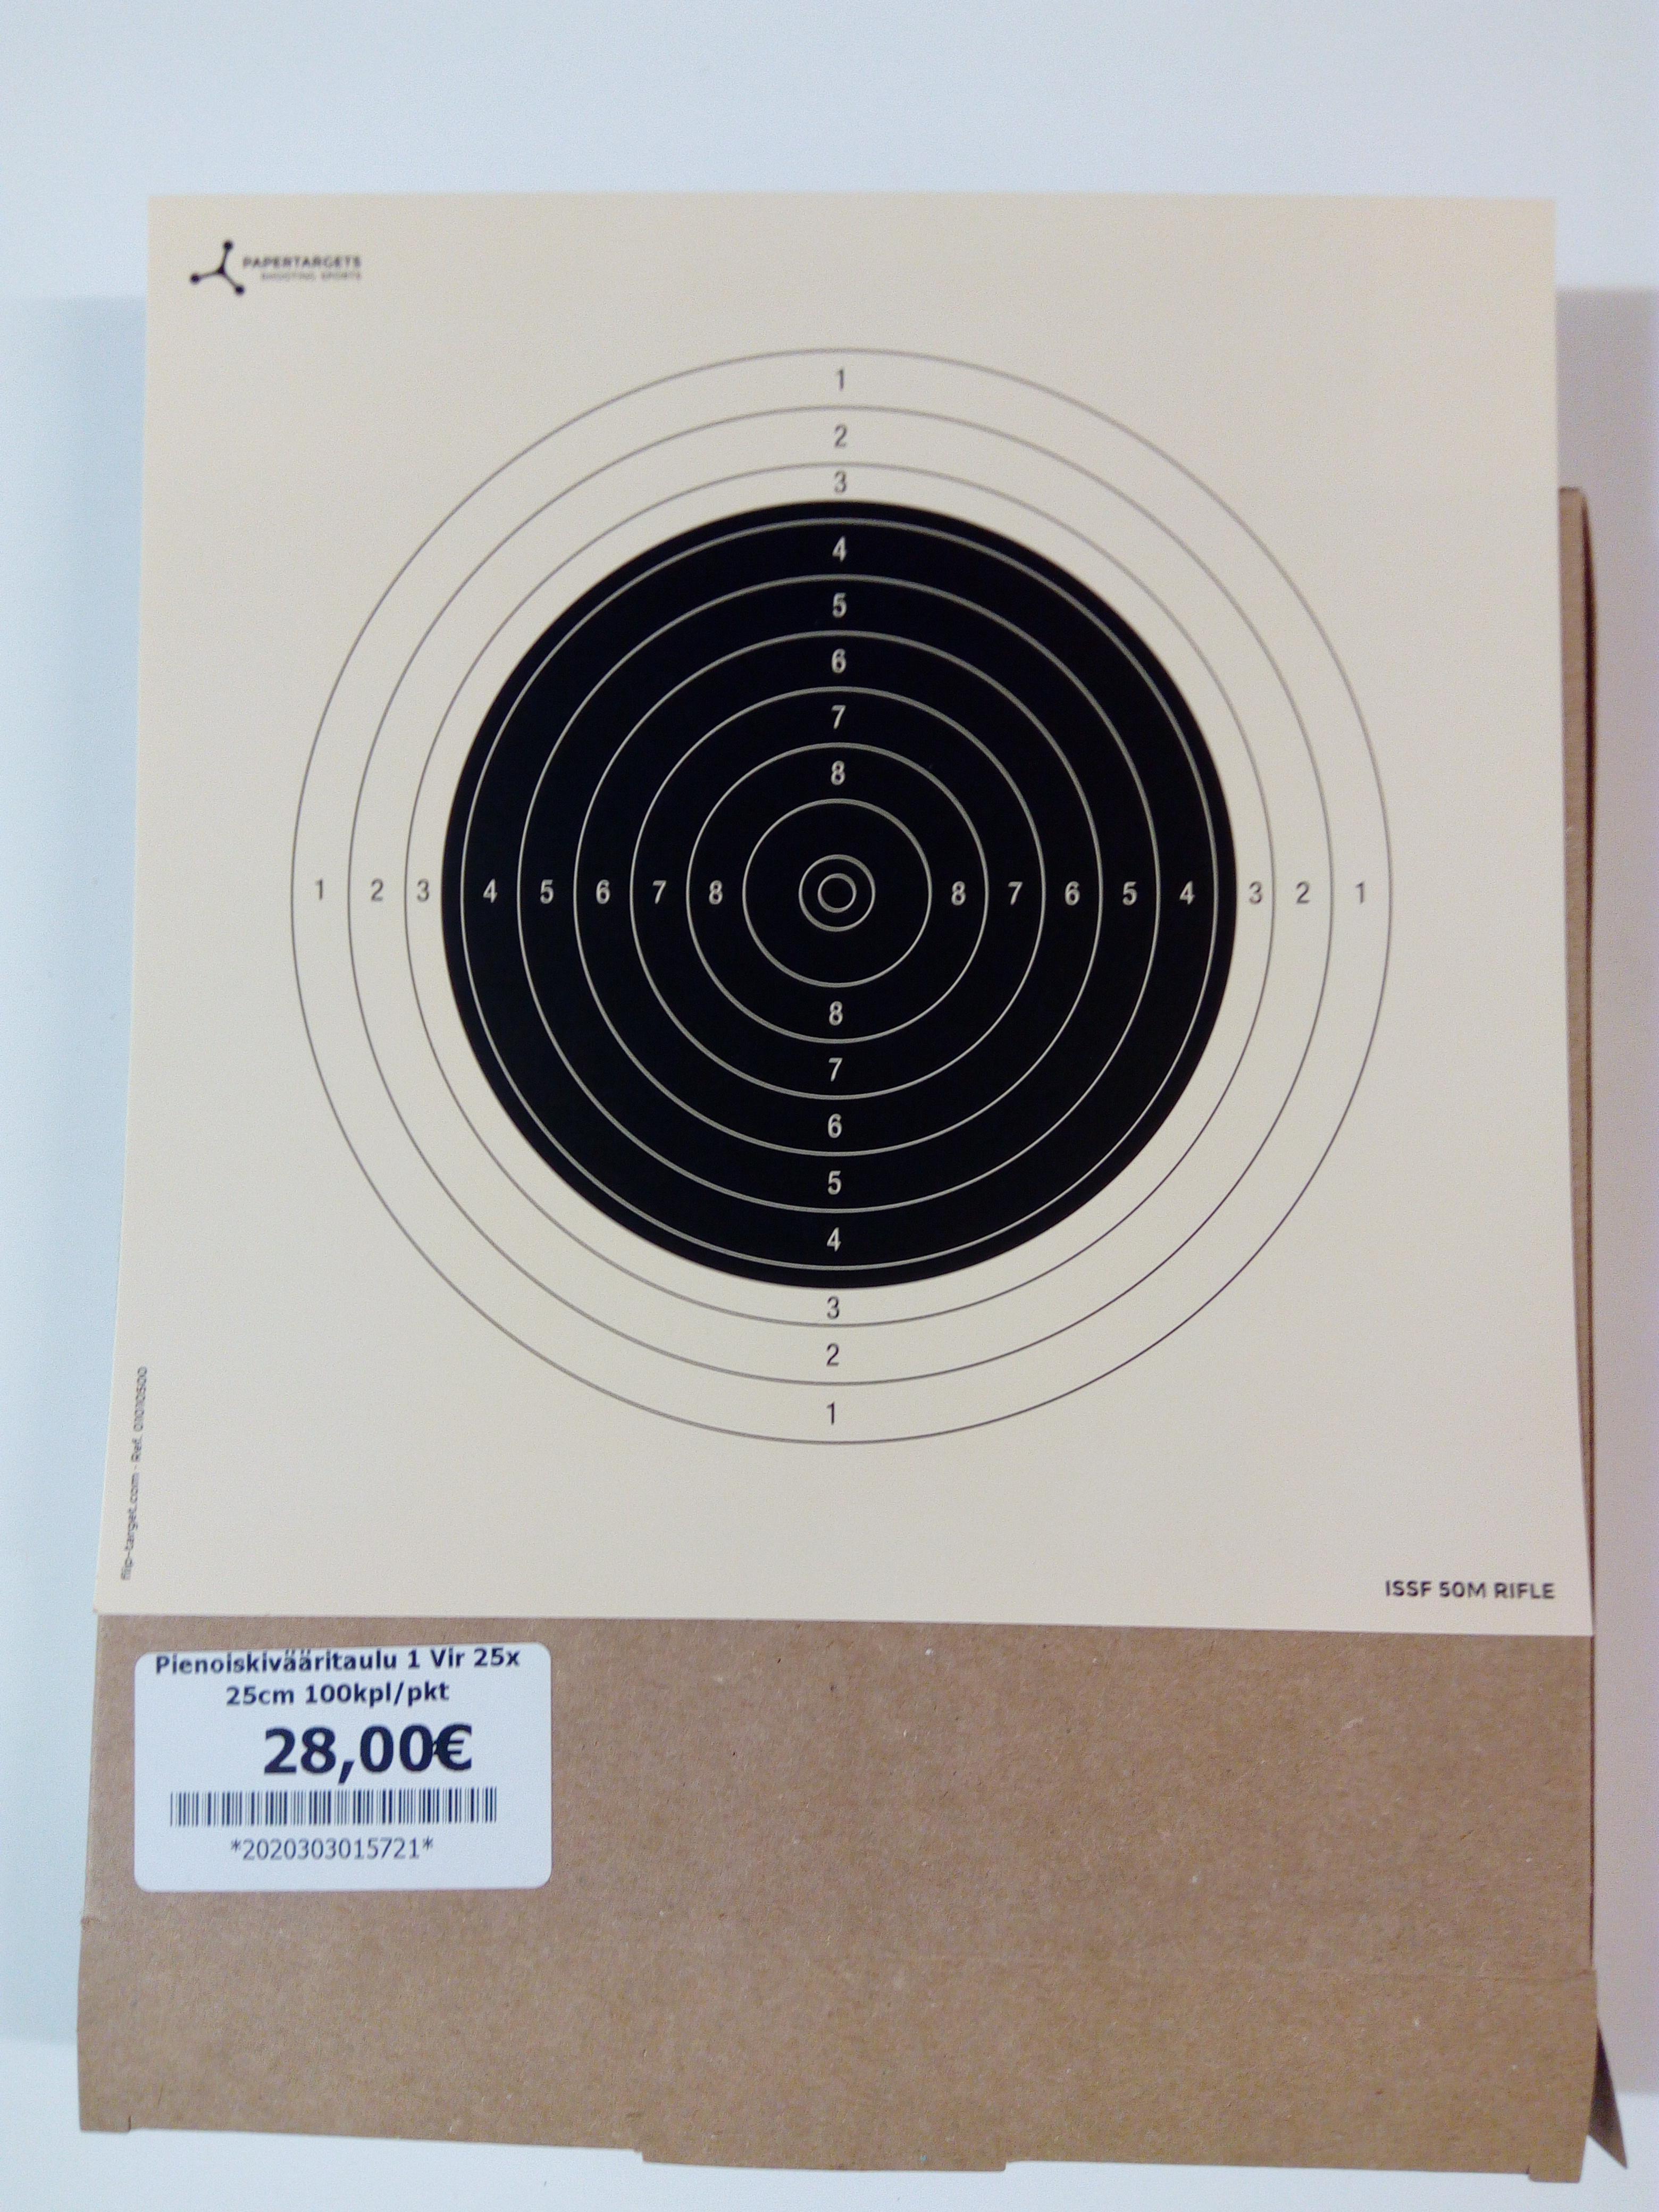 Pienoiskivääritaulu 1 Vir 25x 25cm 100kpl/pkt